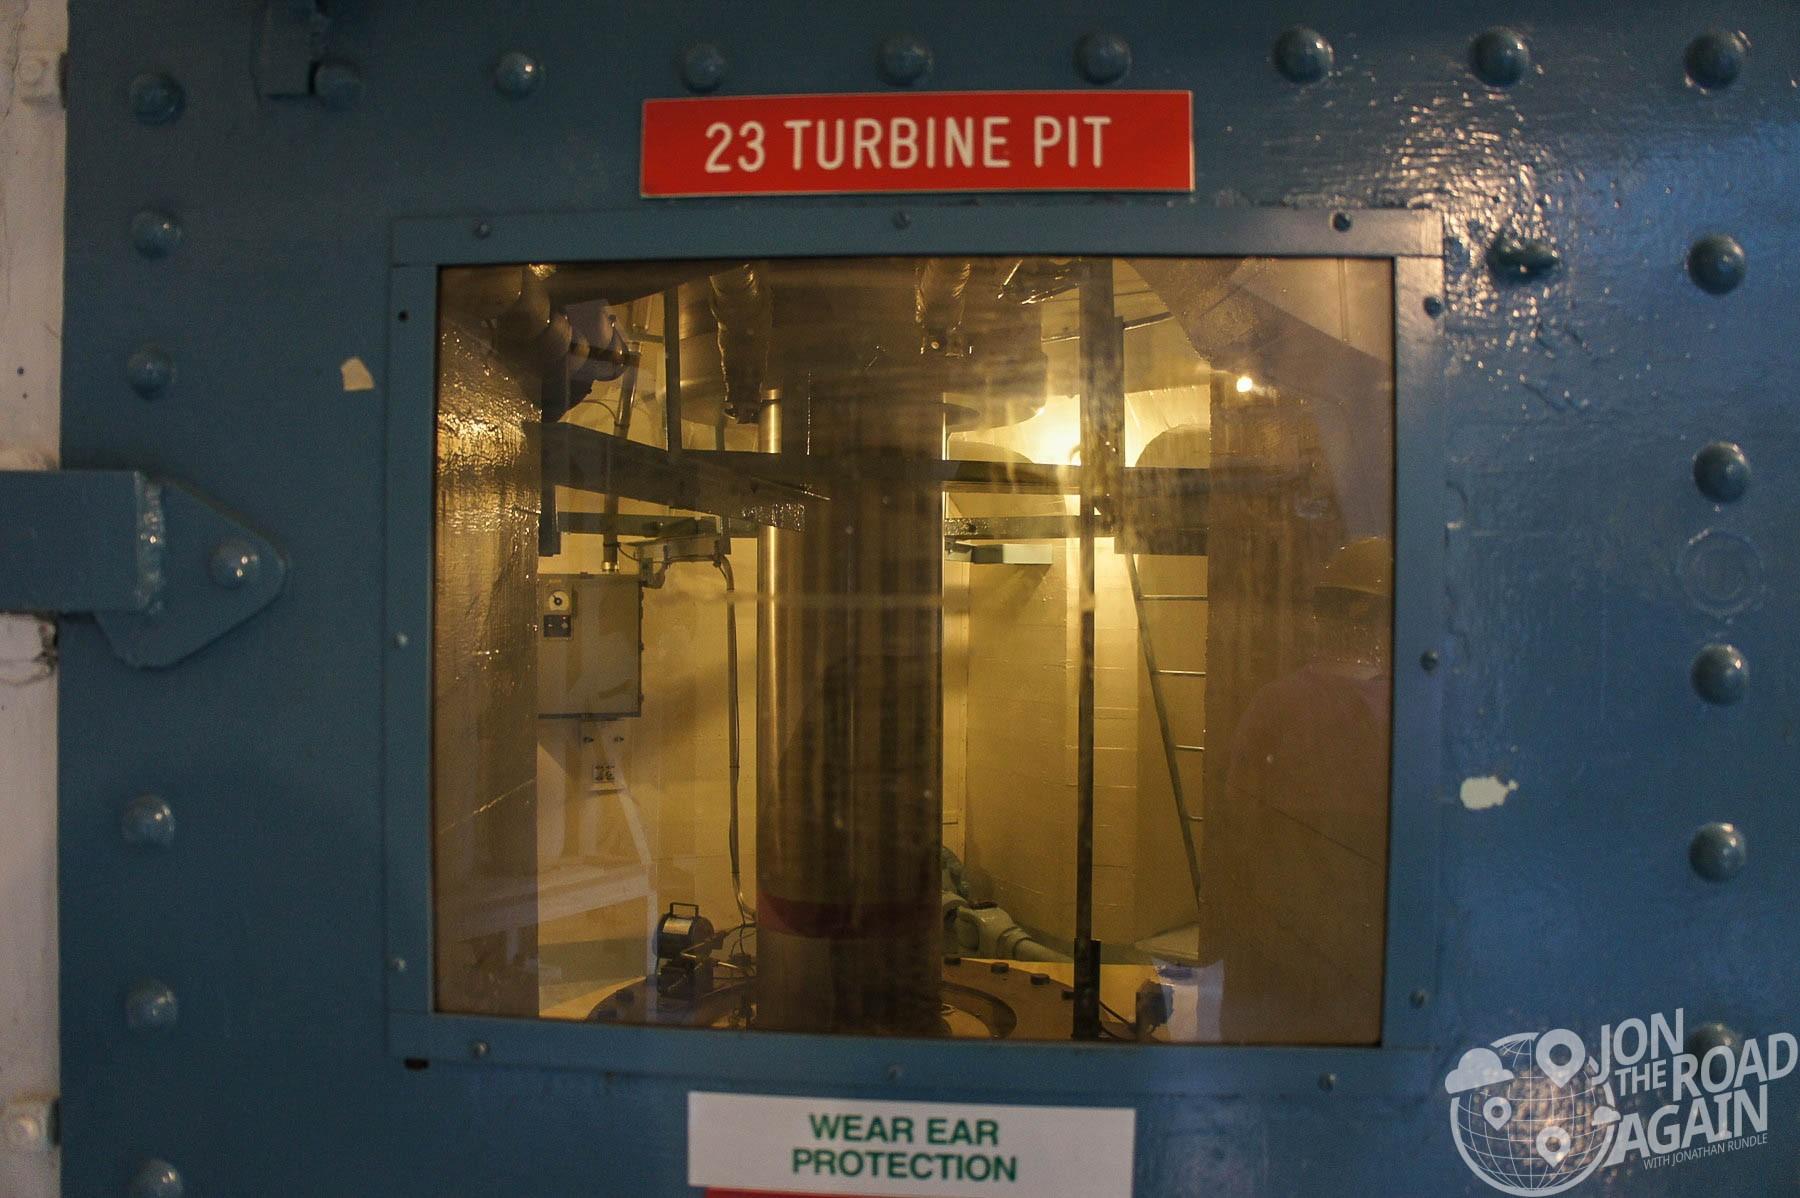 A peek at the turbine shaft